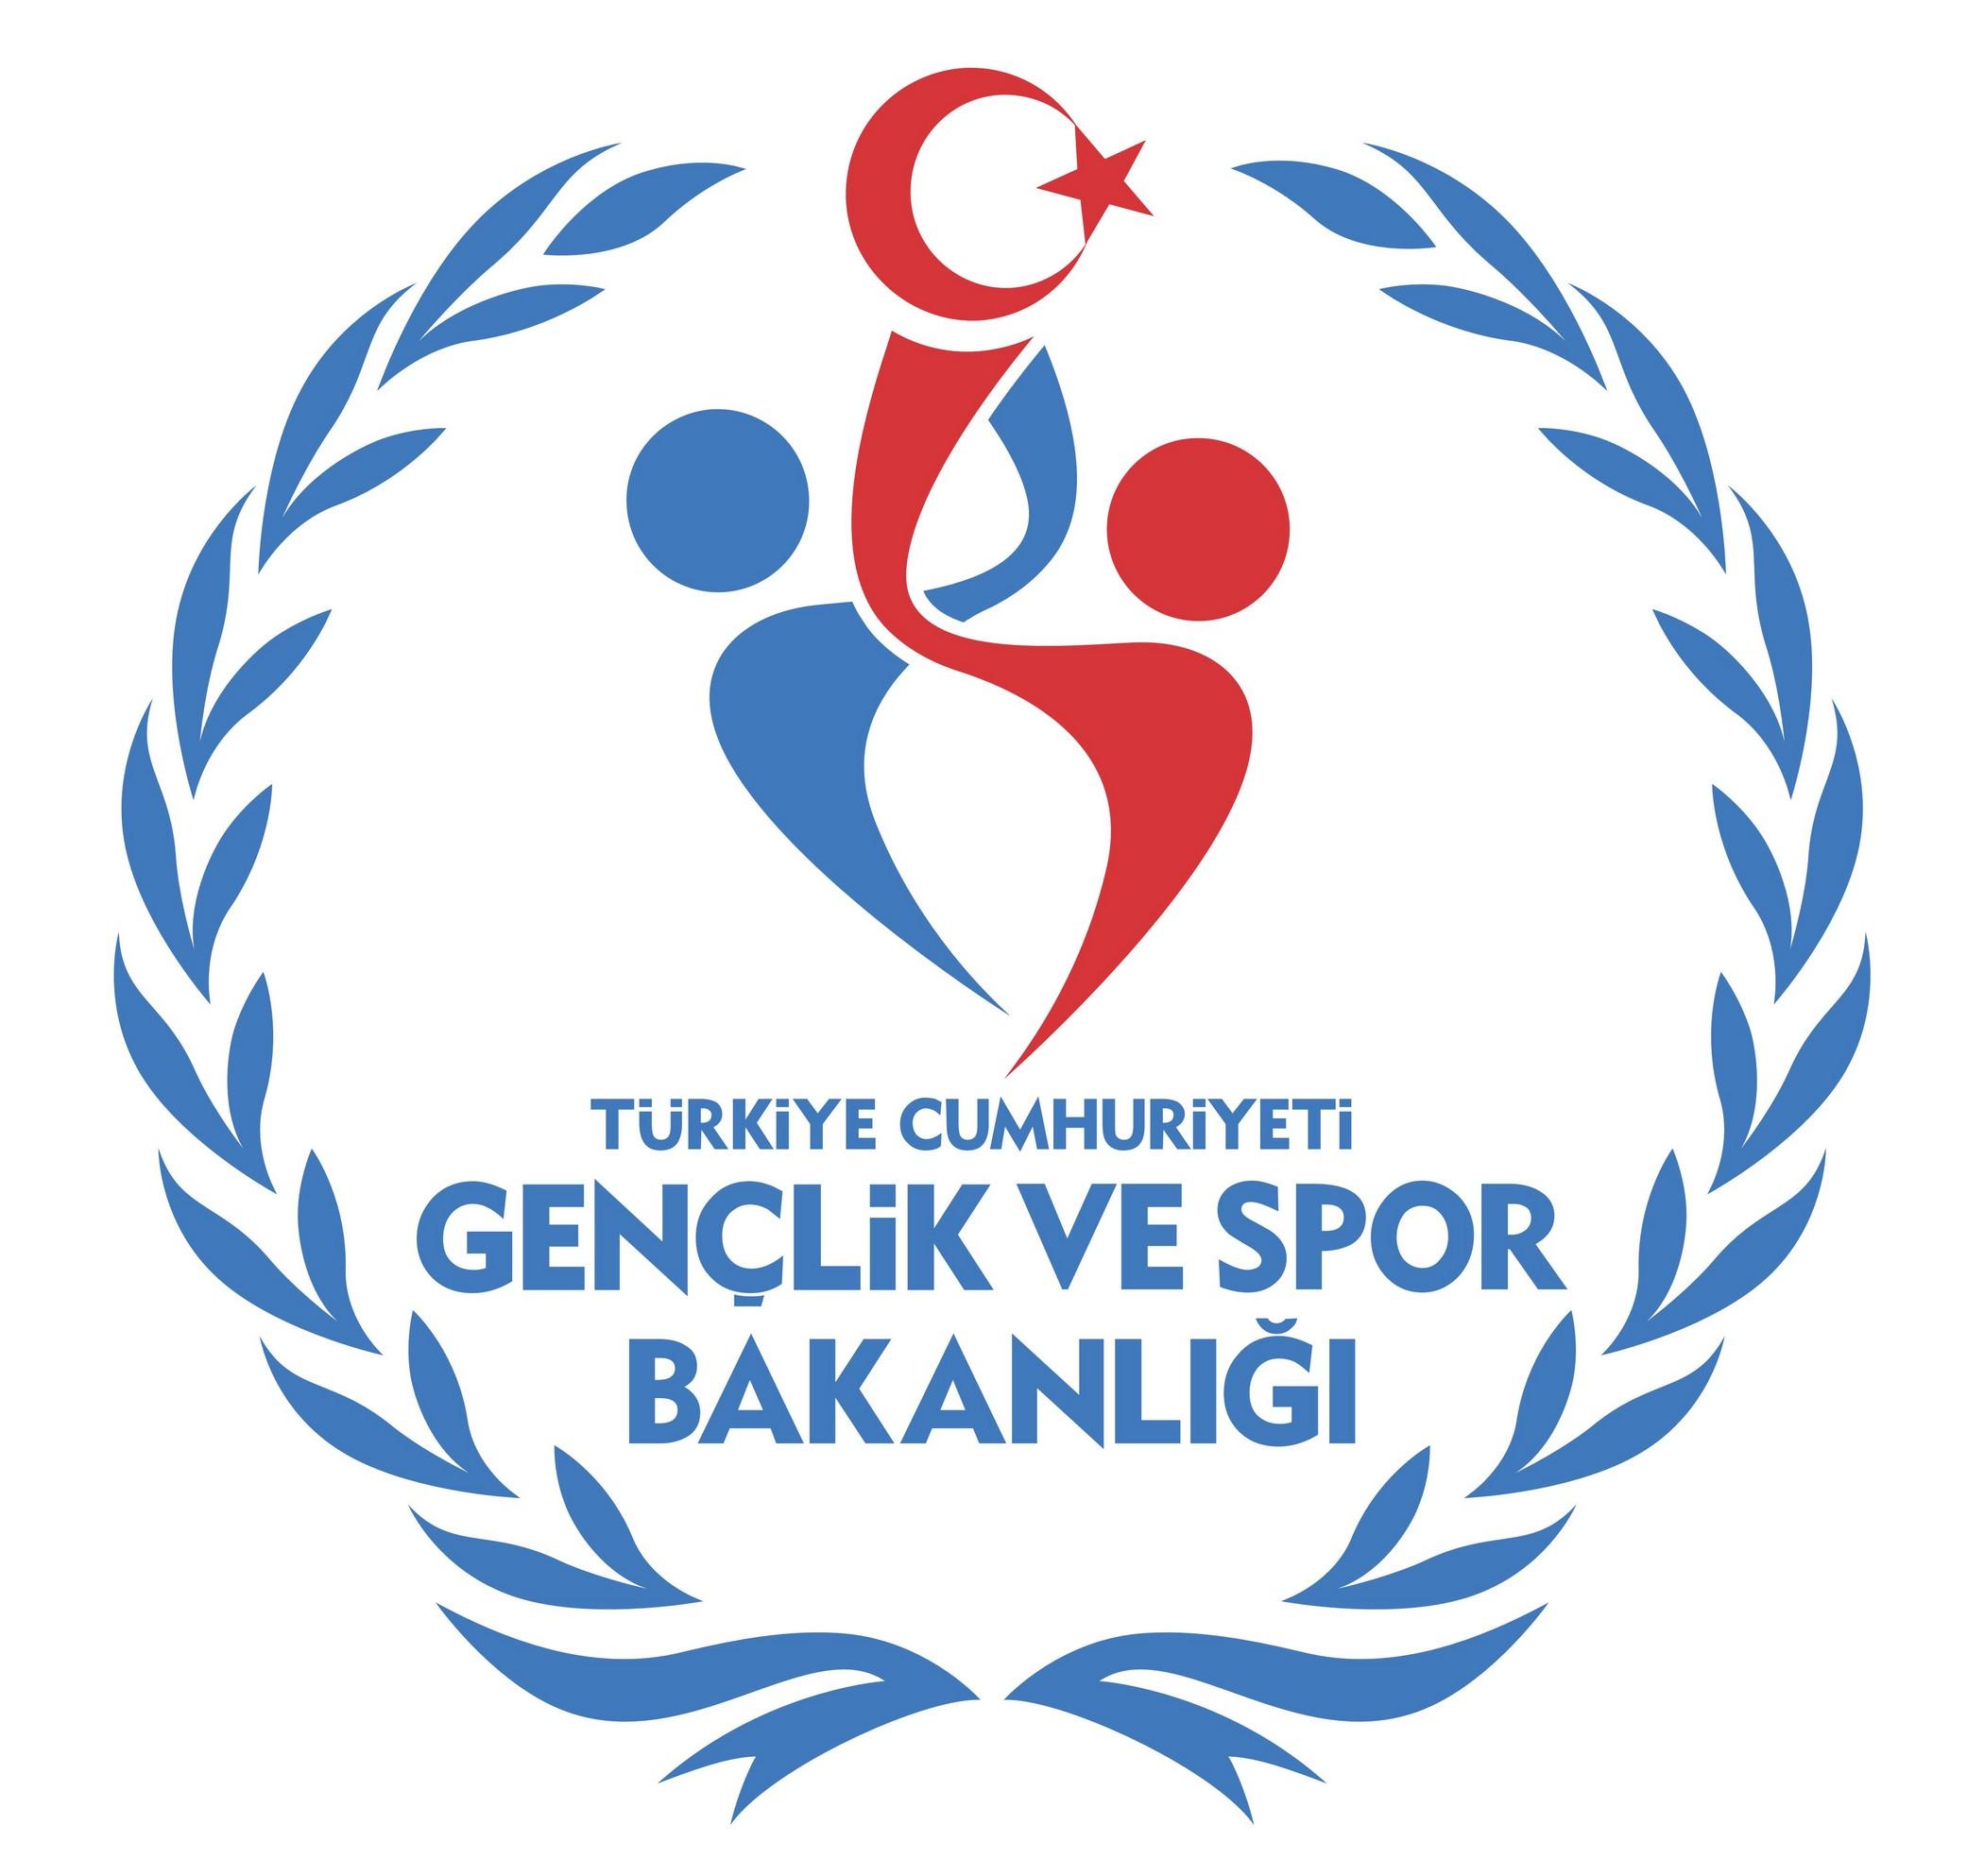 """Öncü Spor'u düzenlediği Sporda Ahlak ve Kötü Alışkanlıklardan Korunma Seminerleri'nin şehir dışı programı Erzurum'da ve Trabzon'da yapıldı. Gençlerin bugün ki ahlaki tutumlarına değinen Aslanhan, """"biz şanlı tarihin evlatlarıyız, neden bu […]"""